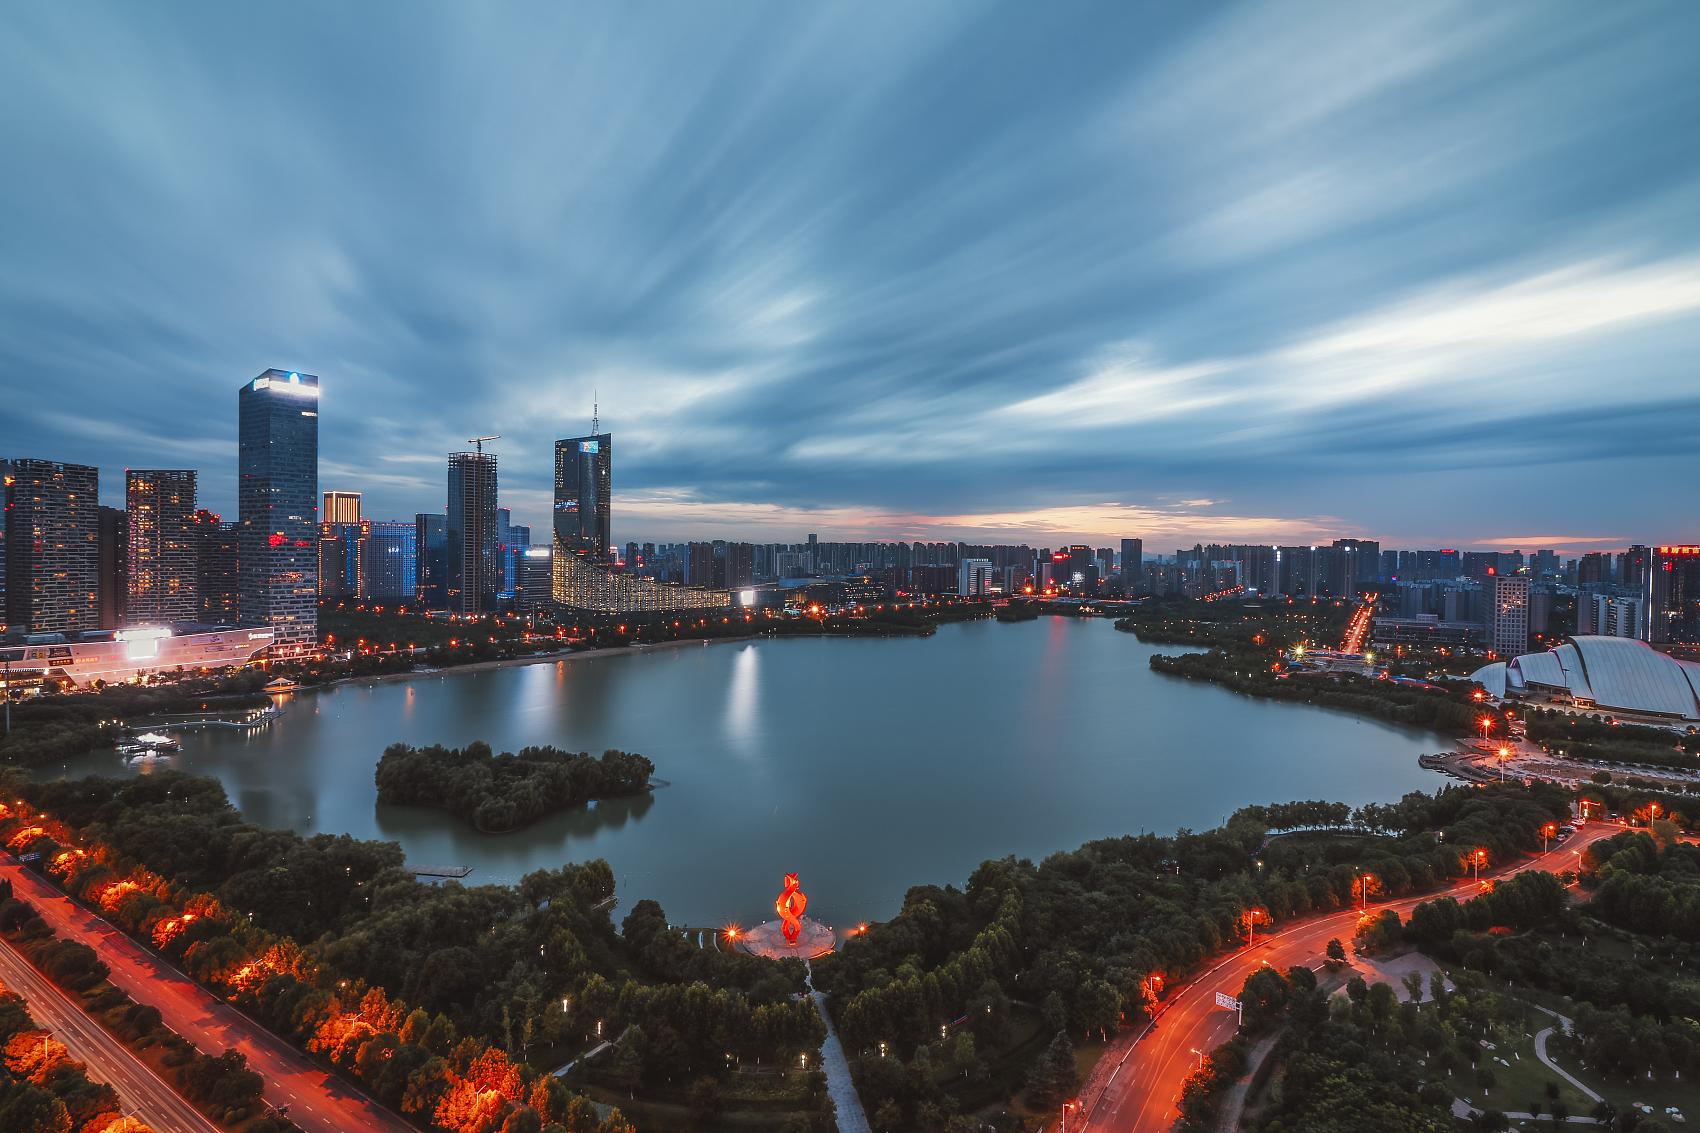 合肥2-视觉中国.jpg